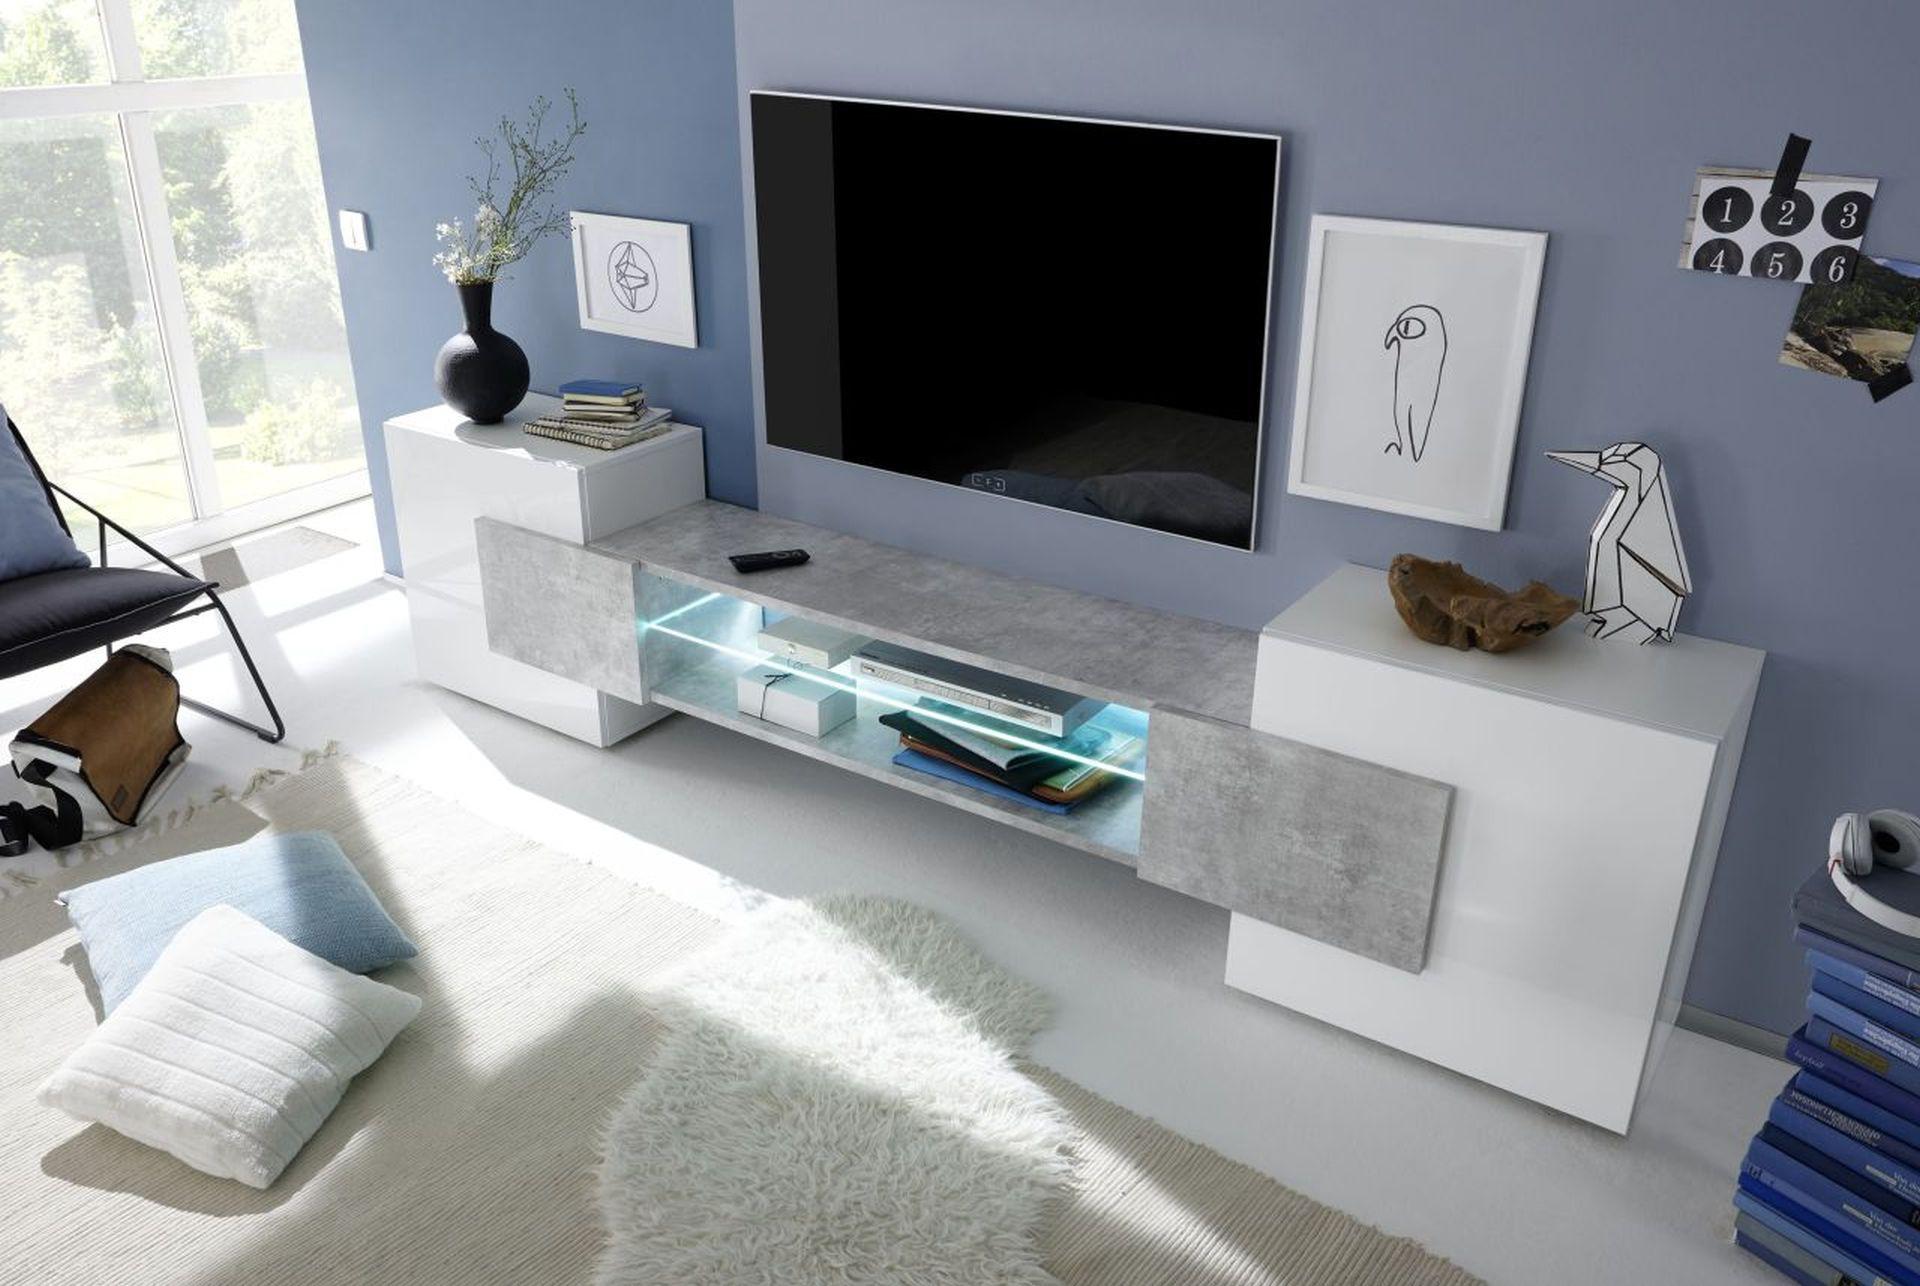 Meuble Tv Avec Barre De Son ▷ classement & guide d'achat : top meubles tv en avr. 2020